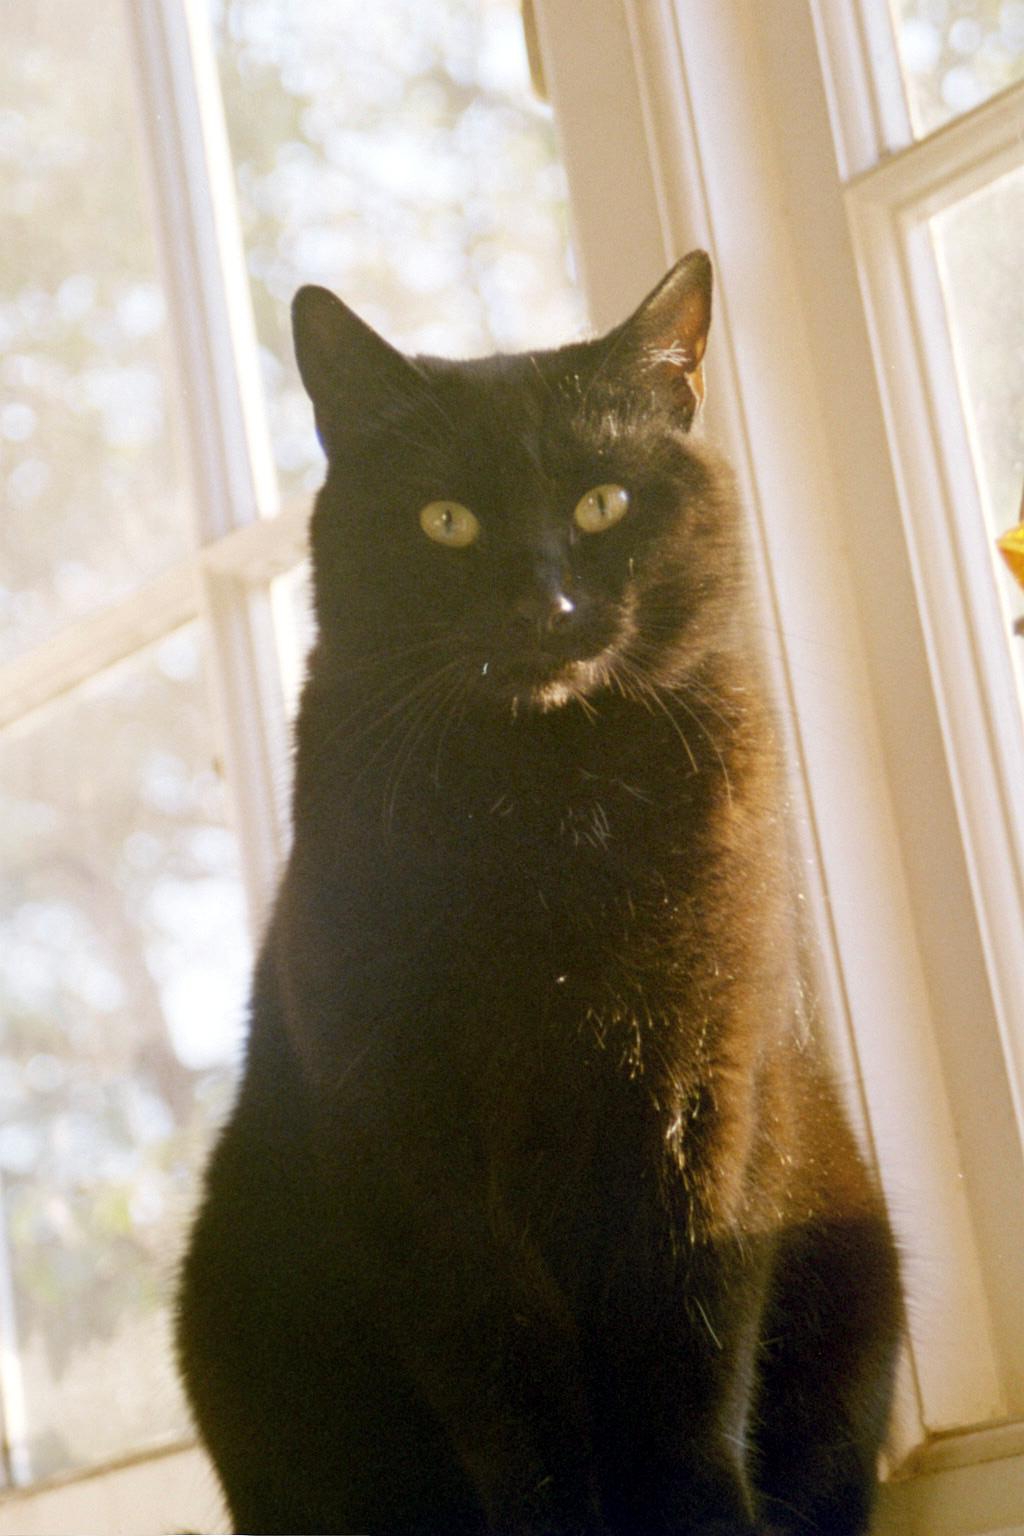 The Black Cat Author